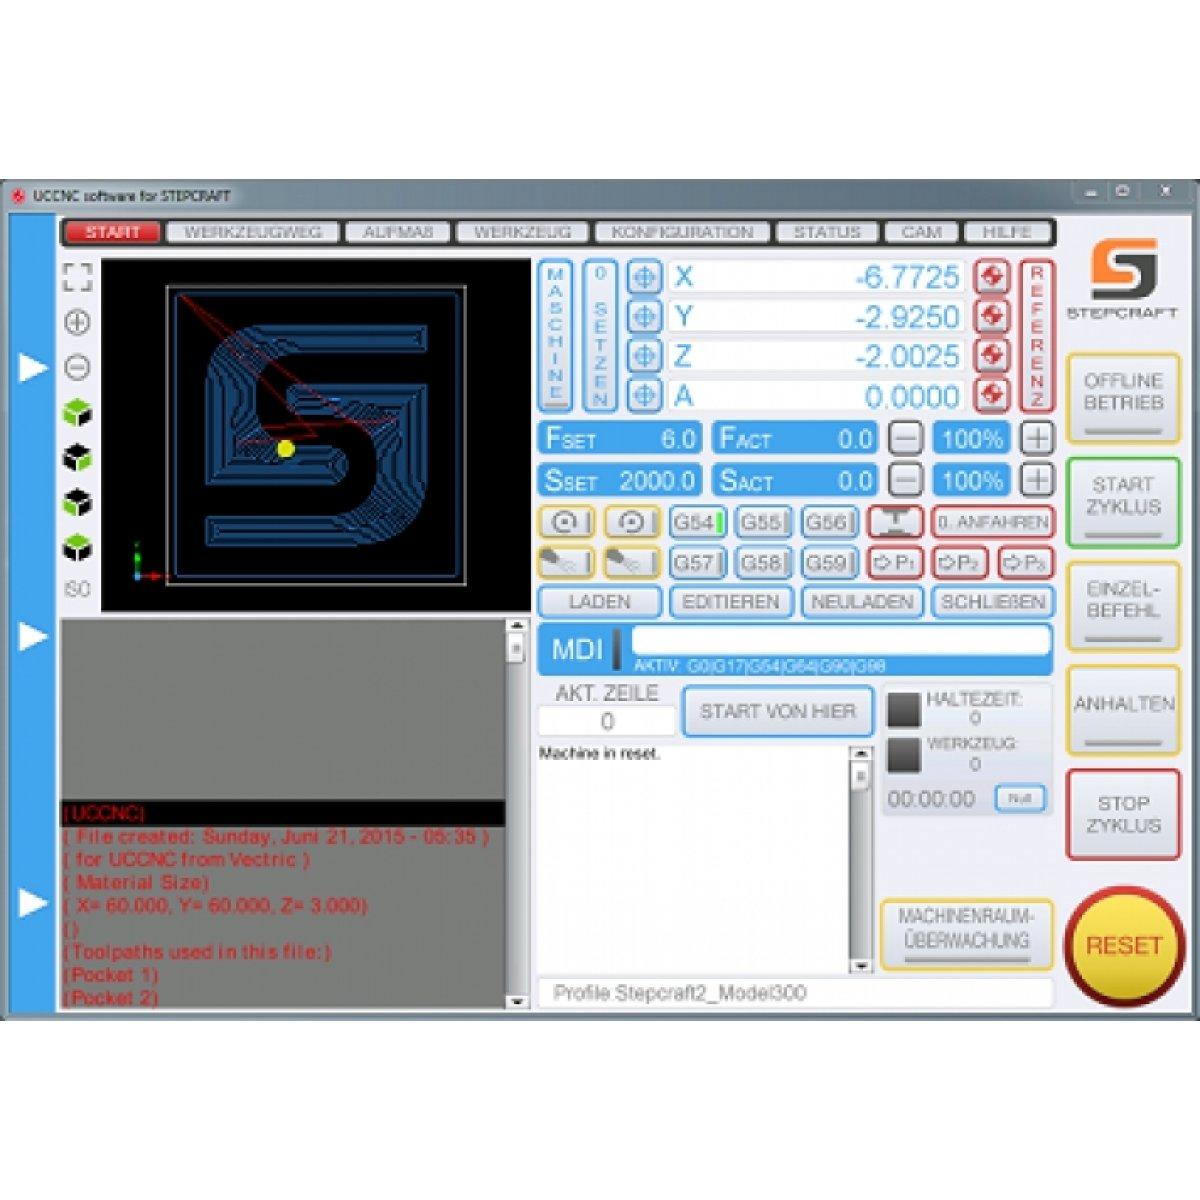 UCCNC řídící software